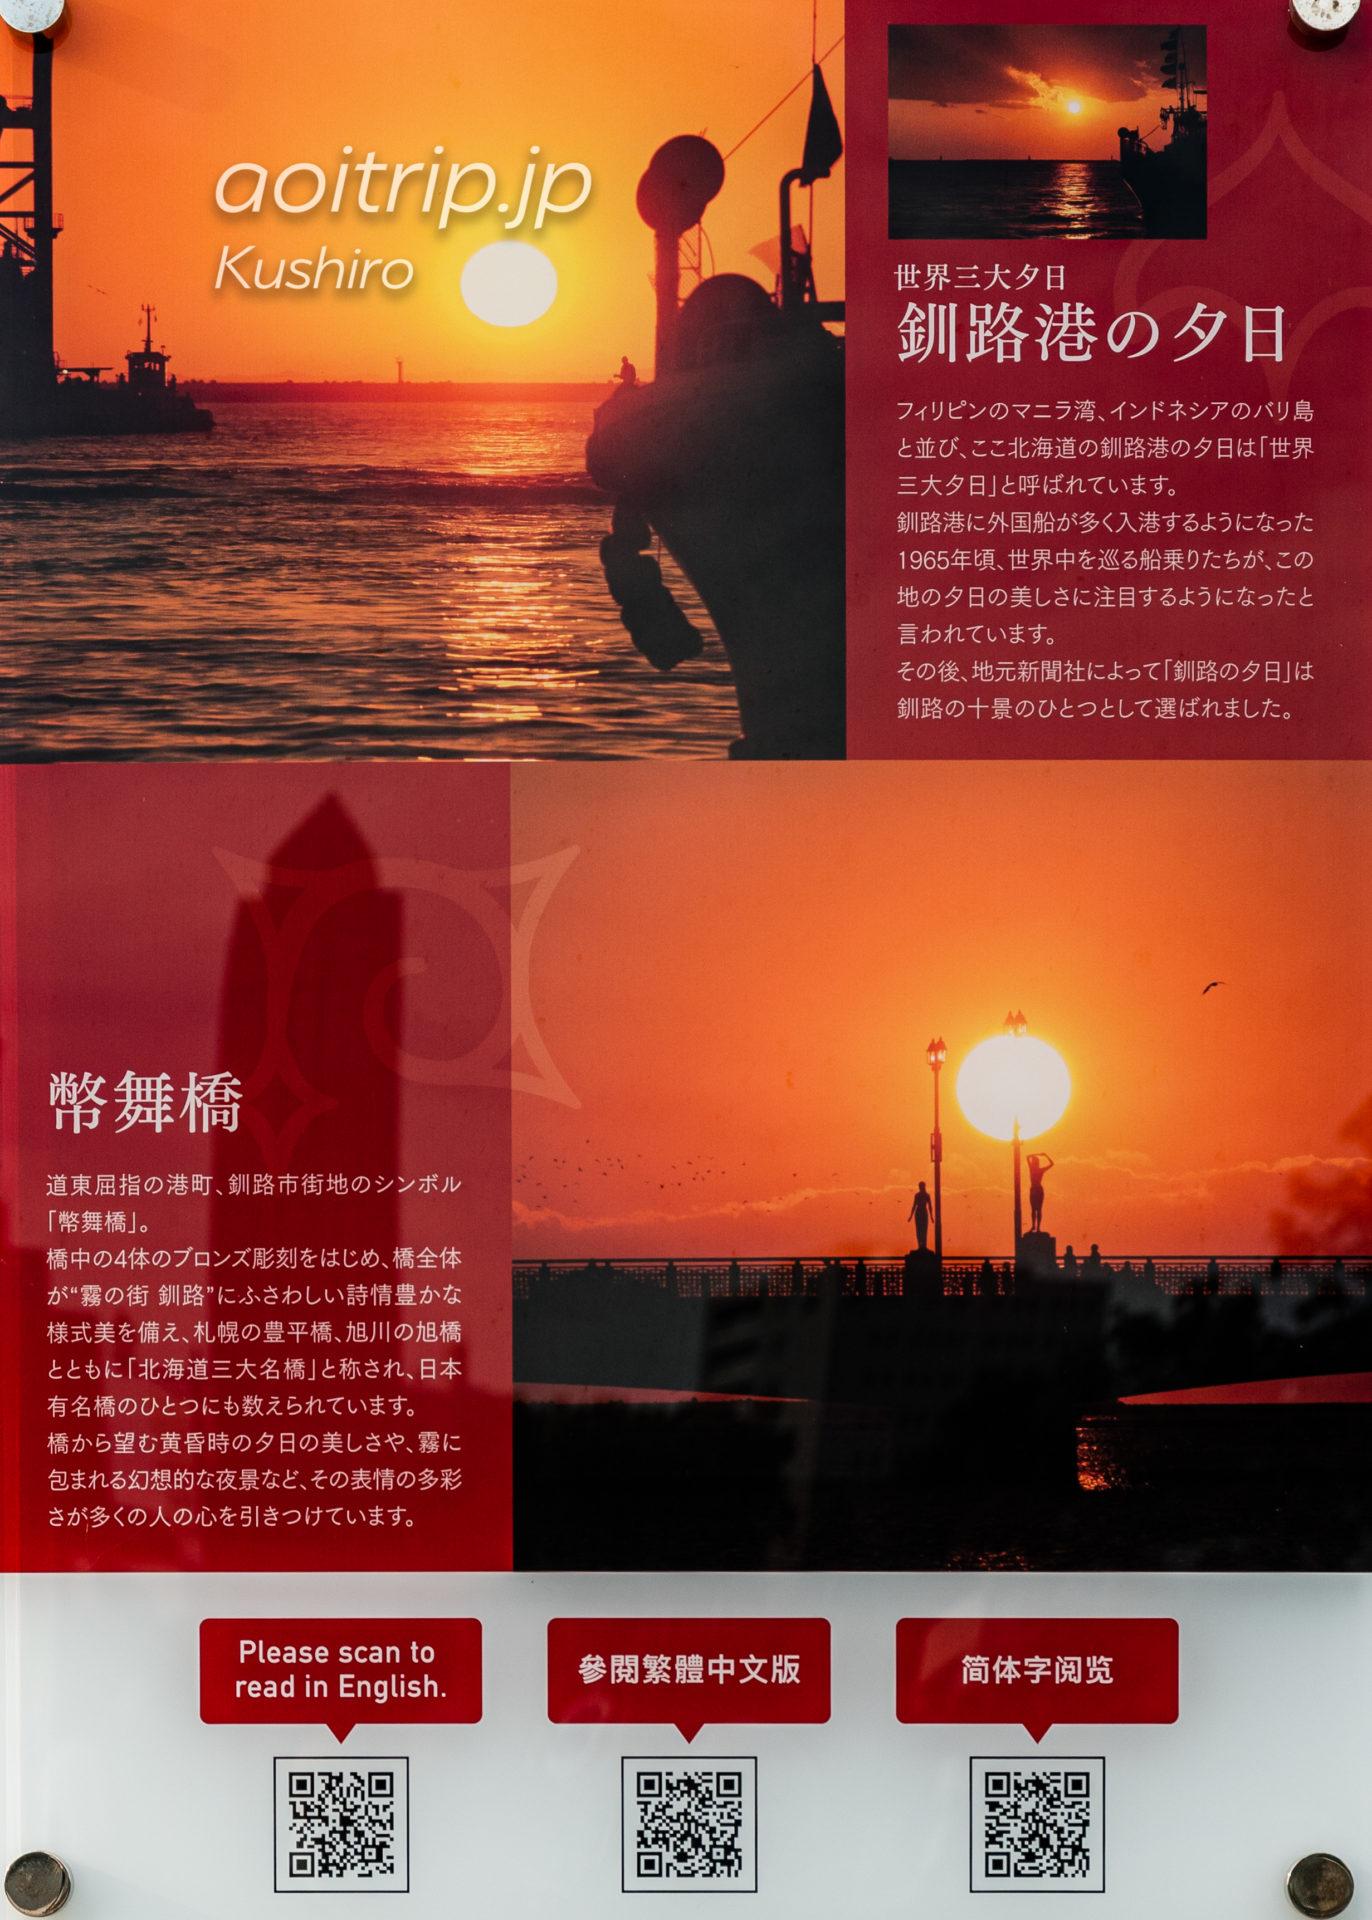 釧路港 世界三大夕日 幣舞橋の夕日|Nusamai Bridge